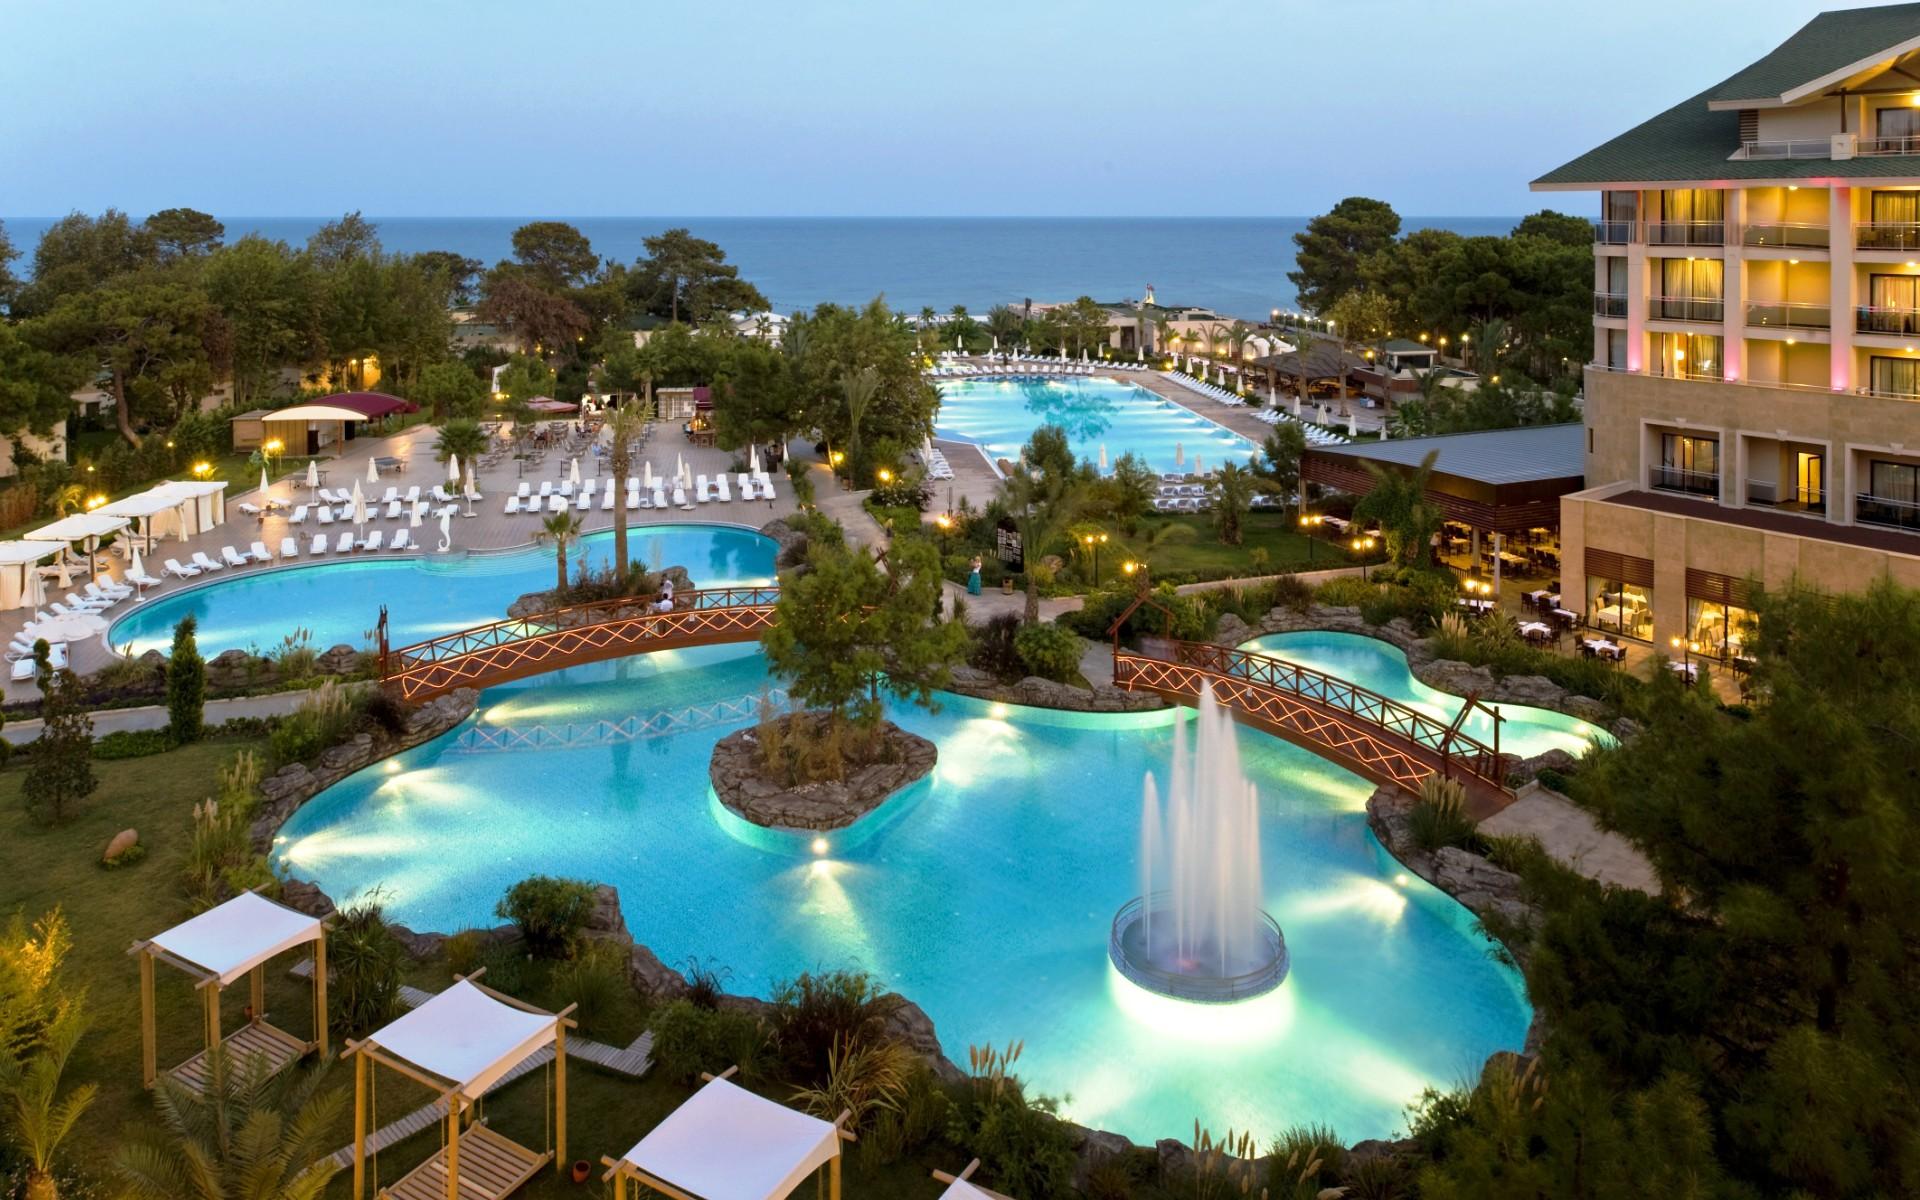 Vogue Hotel Avantgarde Kemer, Antalya, Turkey